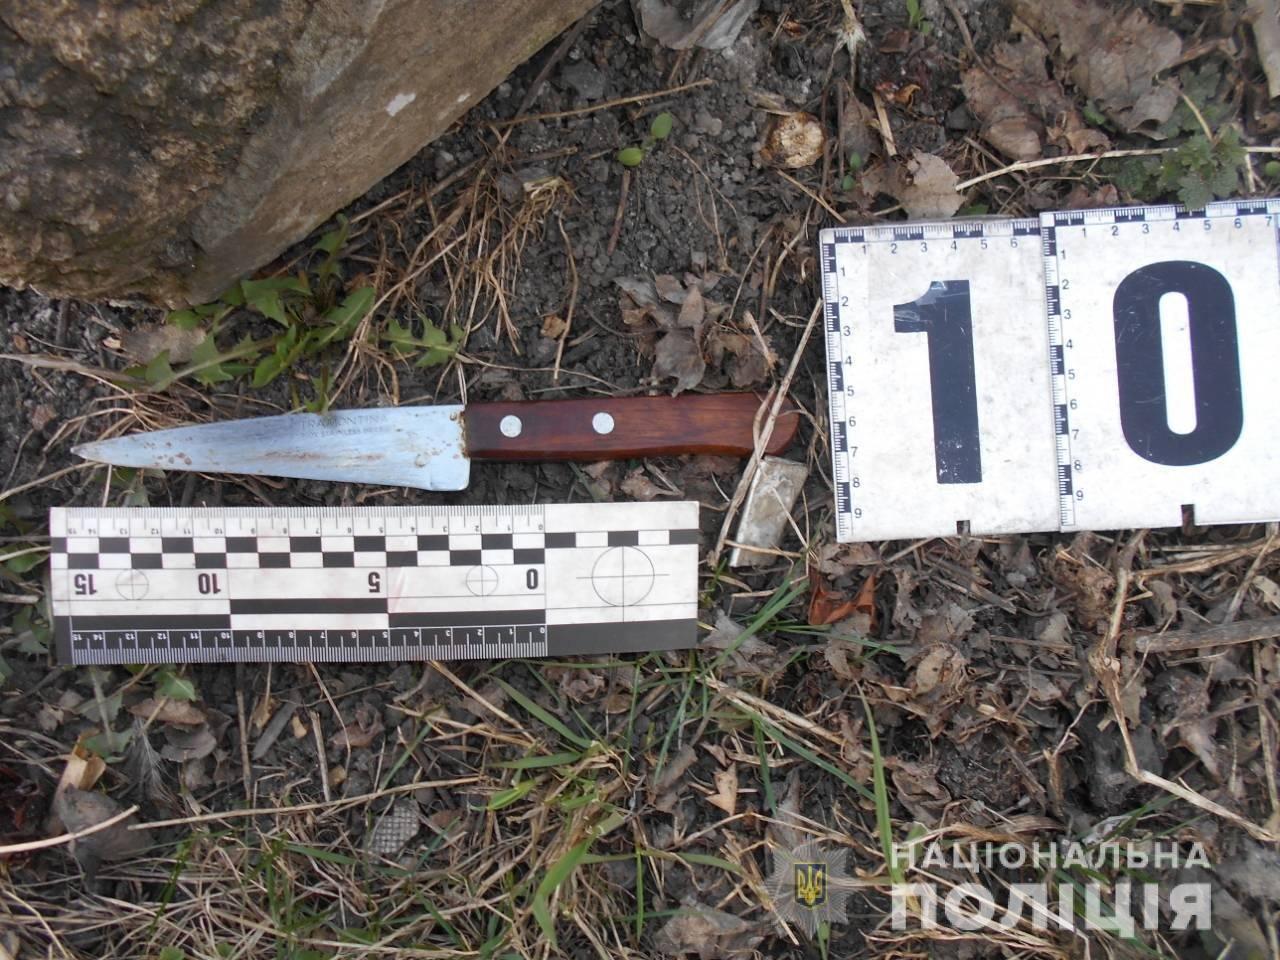 Порезал двух соседей: на Харьковщине мужчина с кухонным ножом напал на своих знакомых, - ФОТО, фото-2